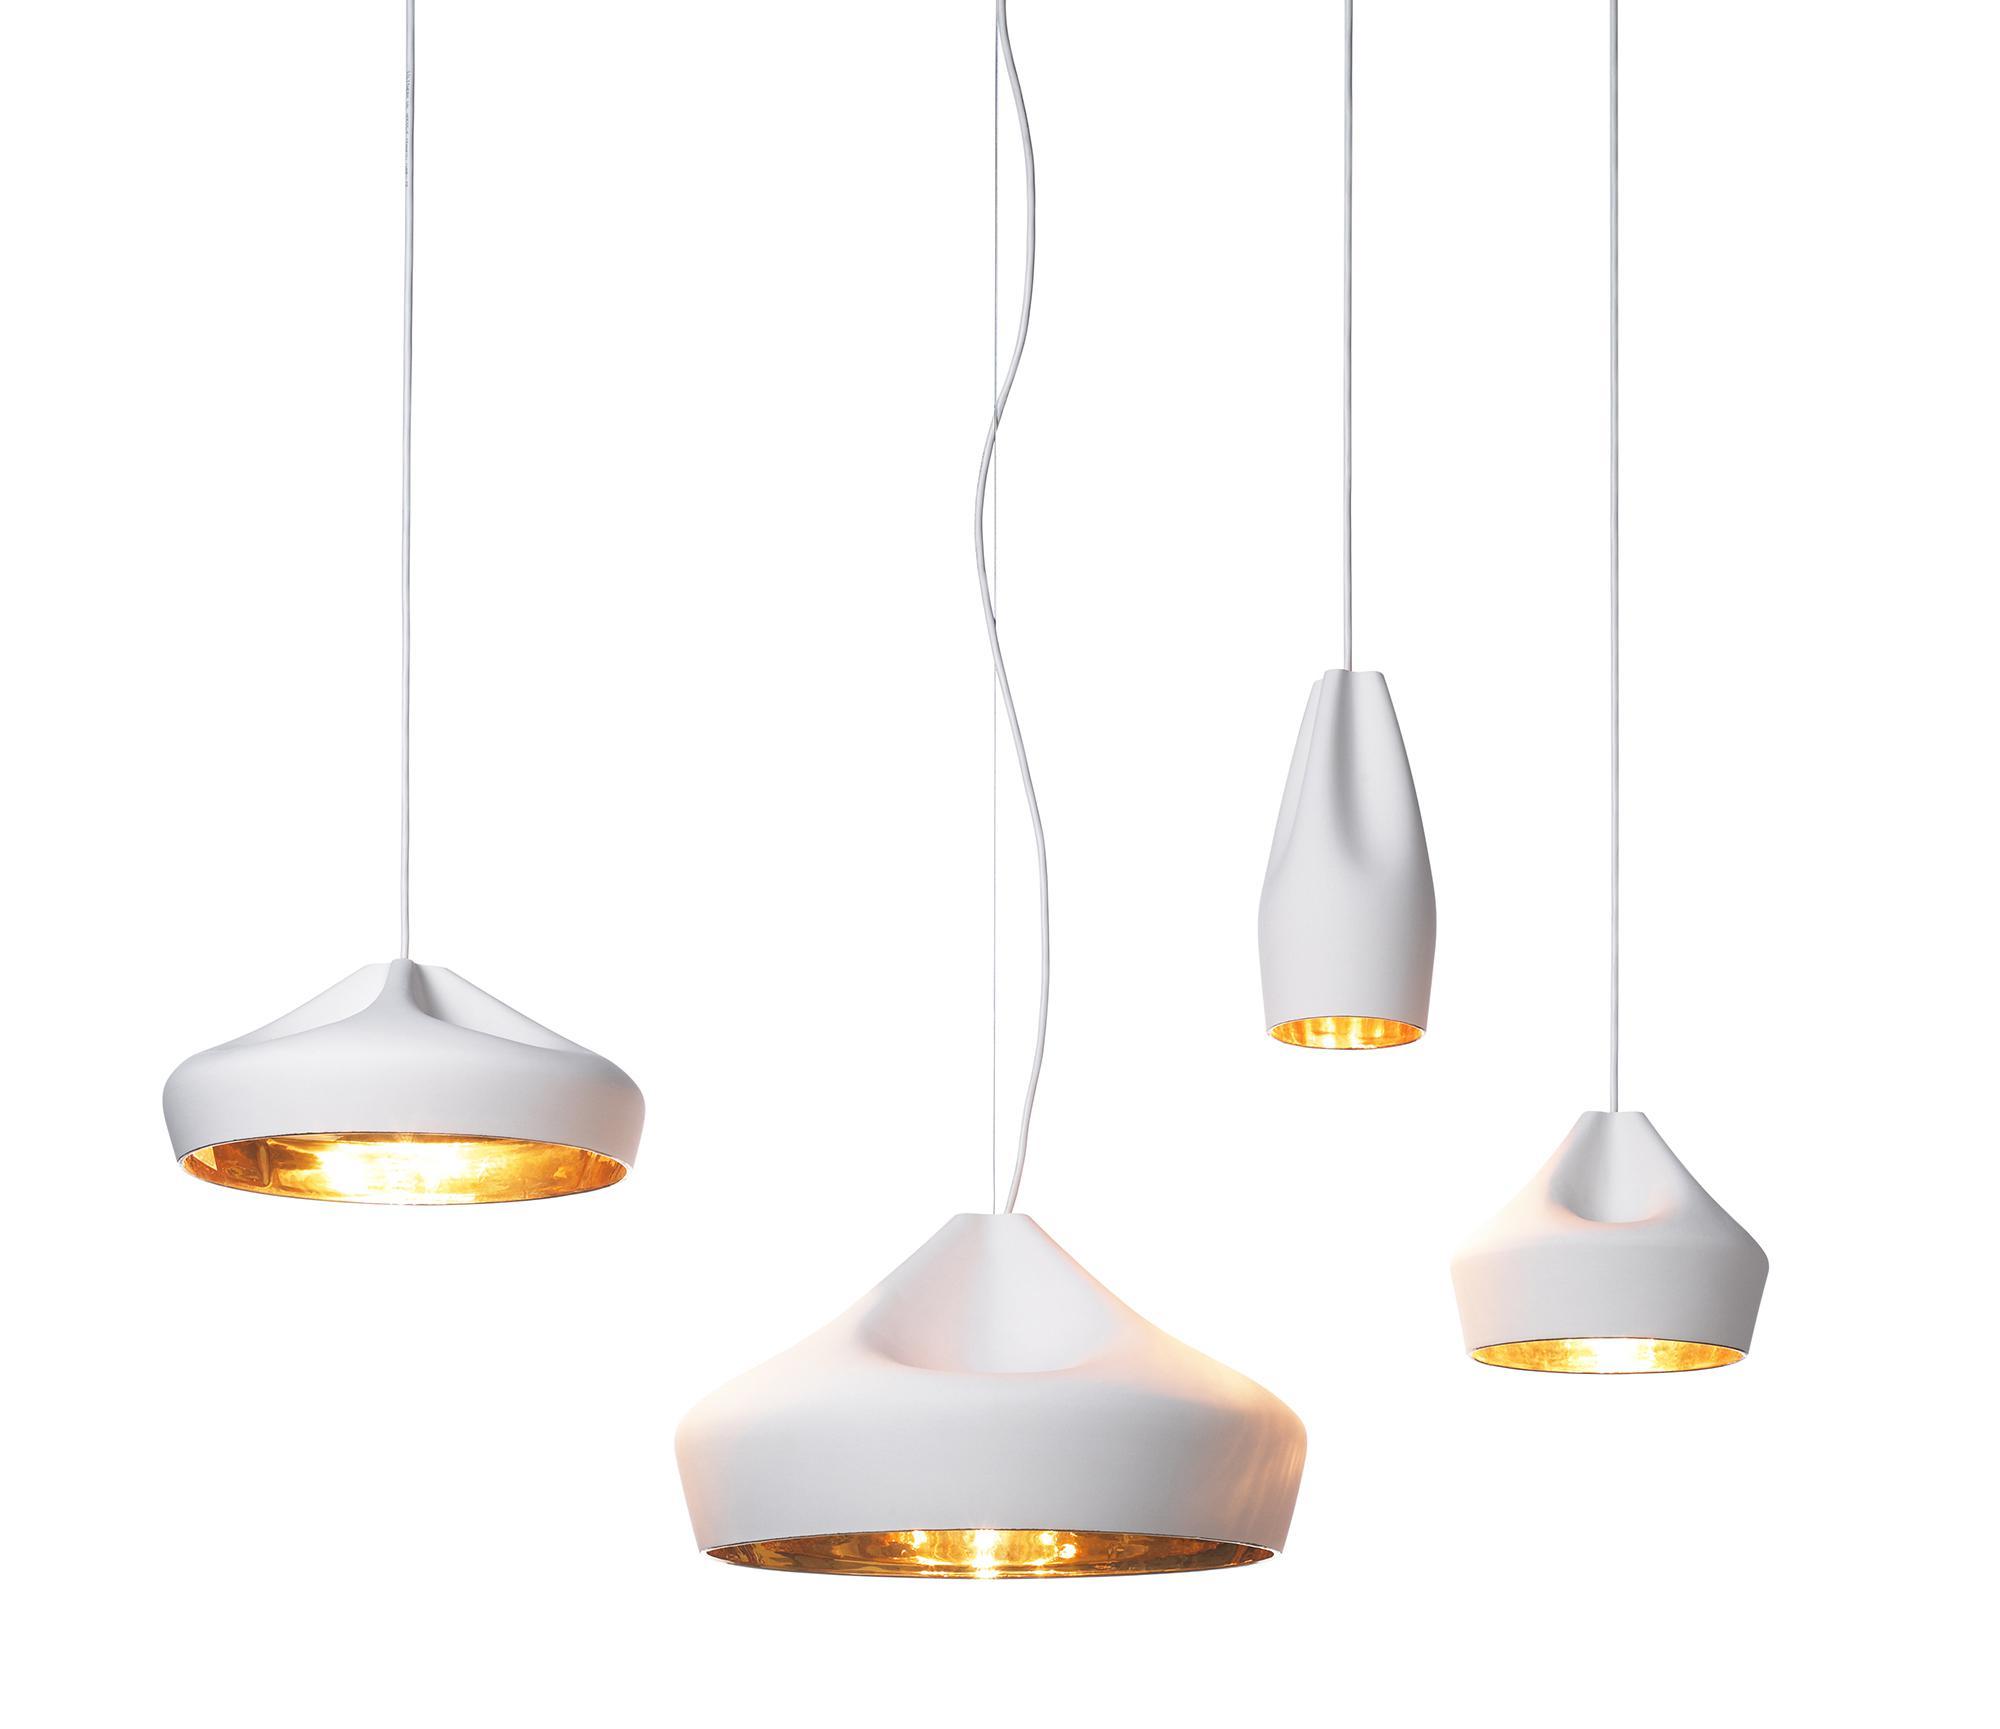 Weiß-goldene Pendelleuchten in unserer Lichtausstellung in Freiburg